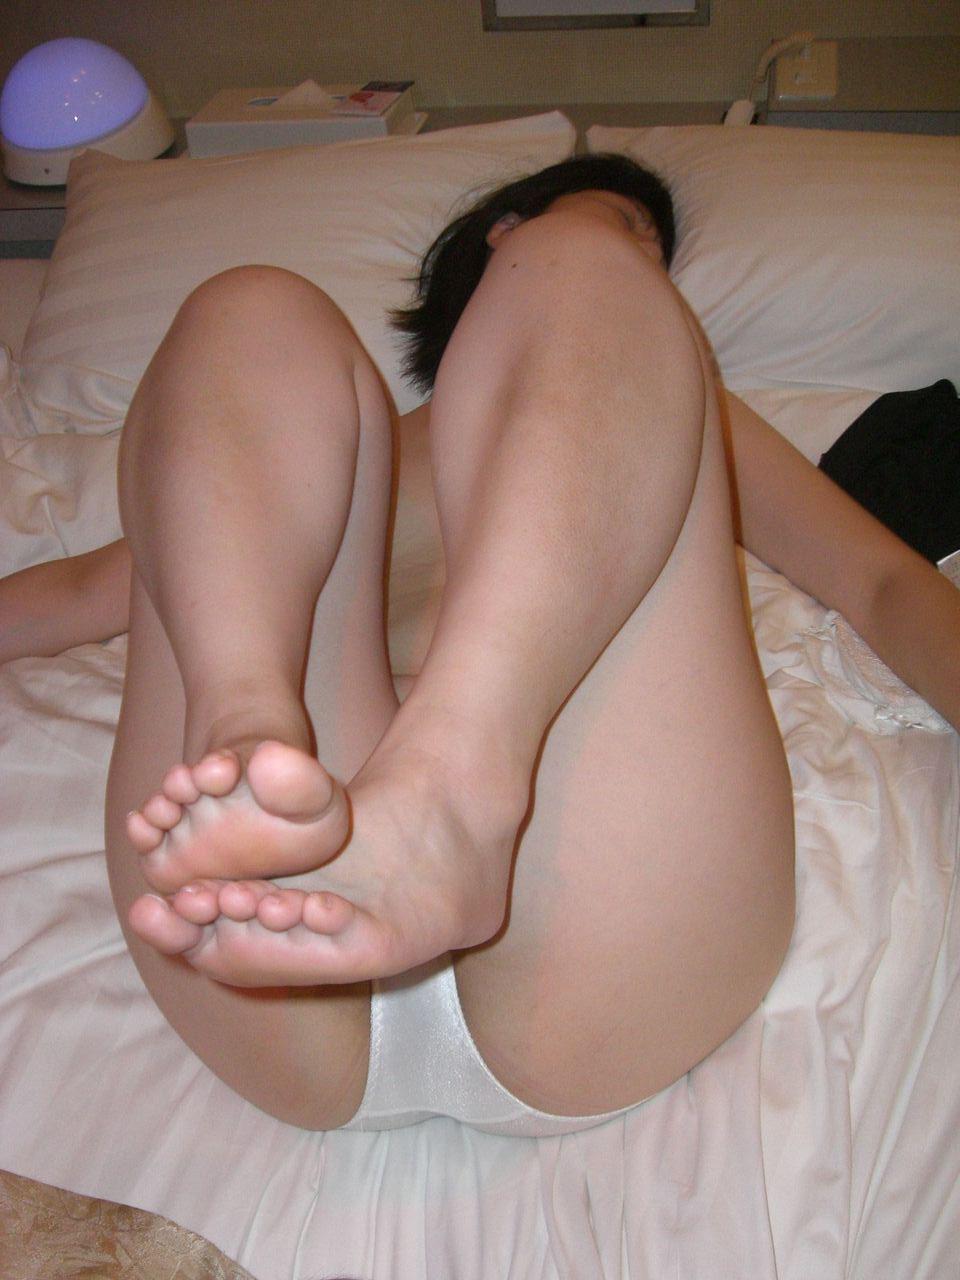 ラブホテルで撮影された素人女子のエロ画像 26